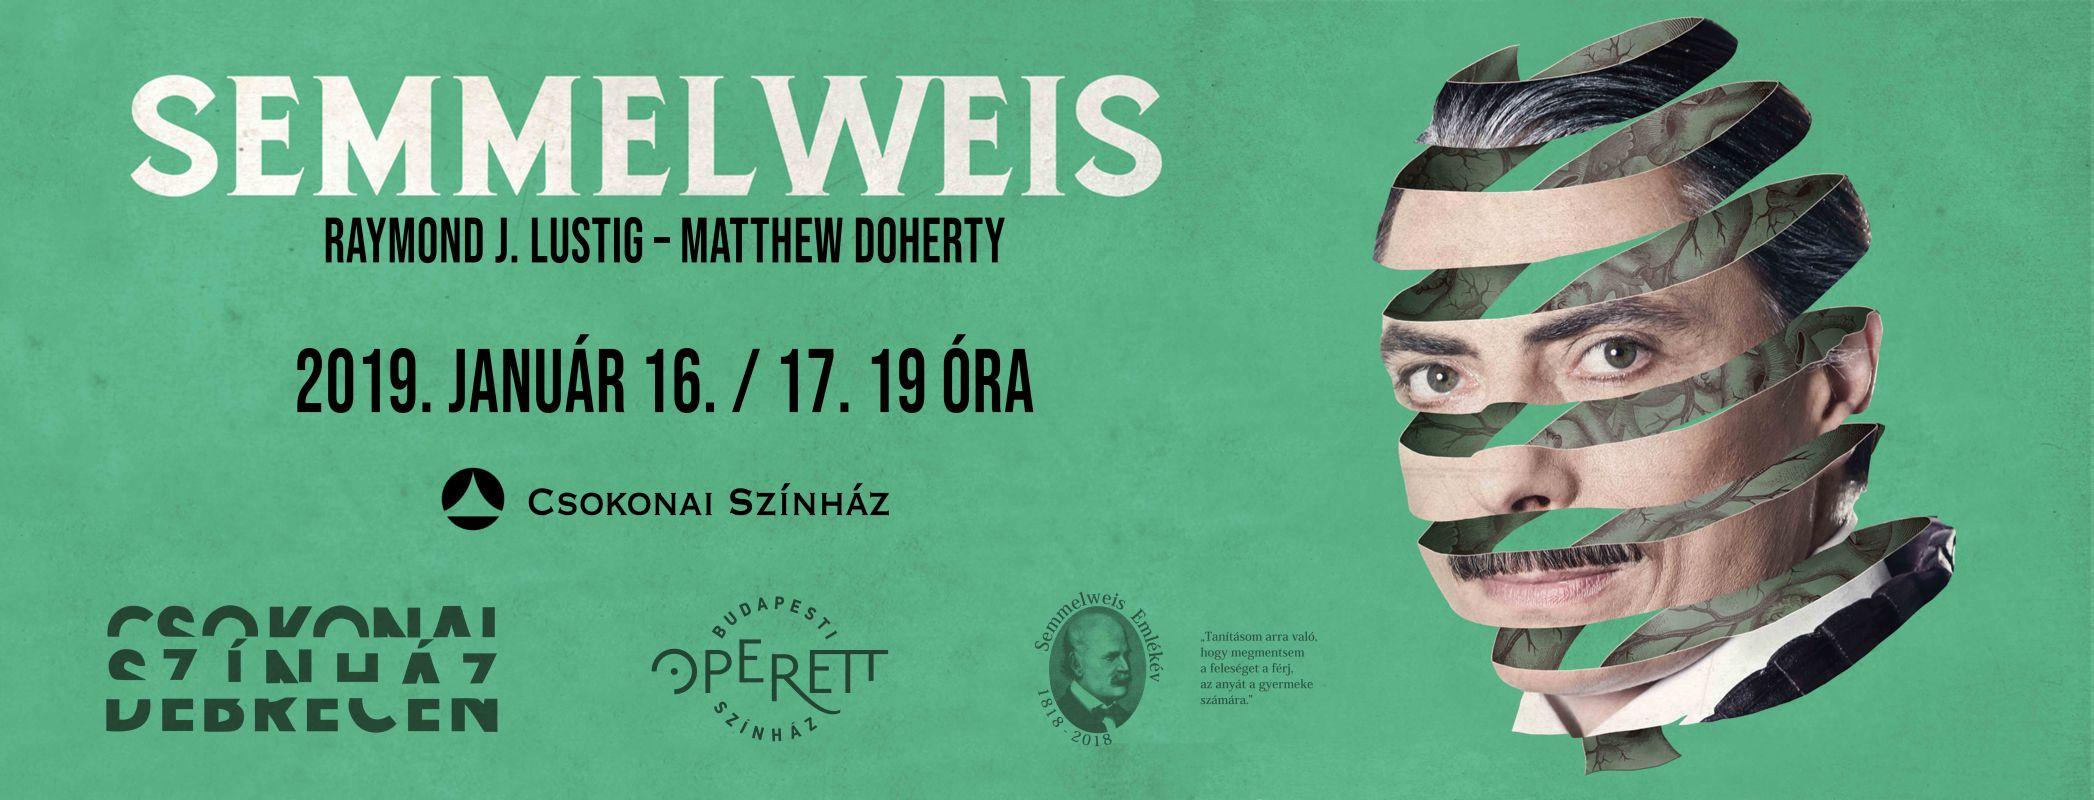 Semmelweis-slide